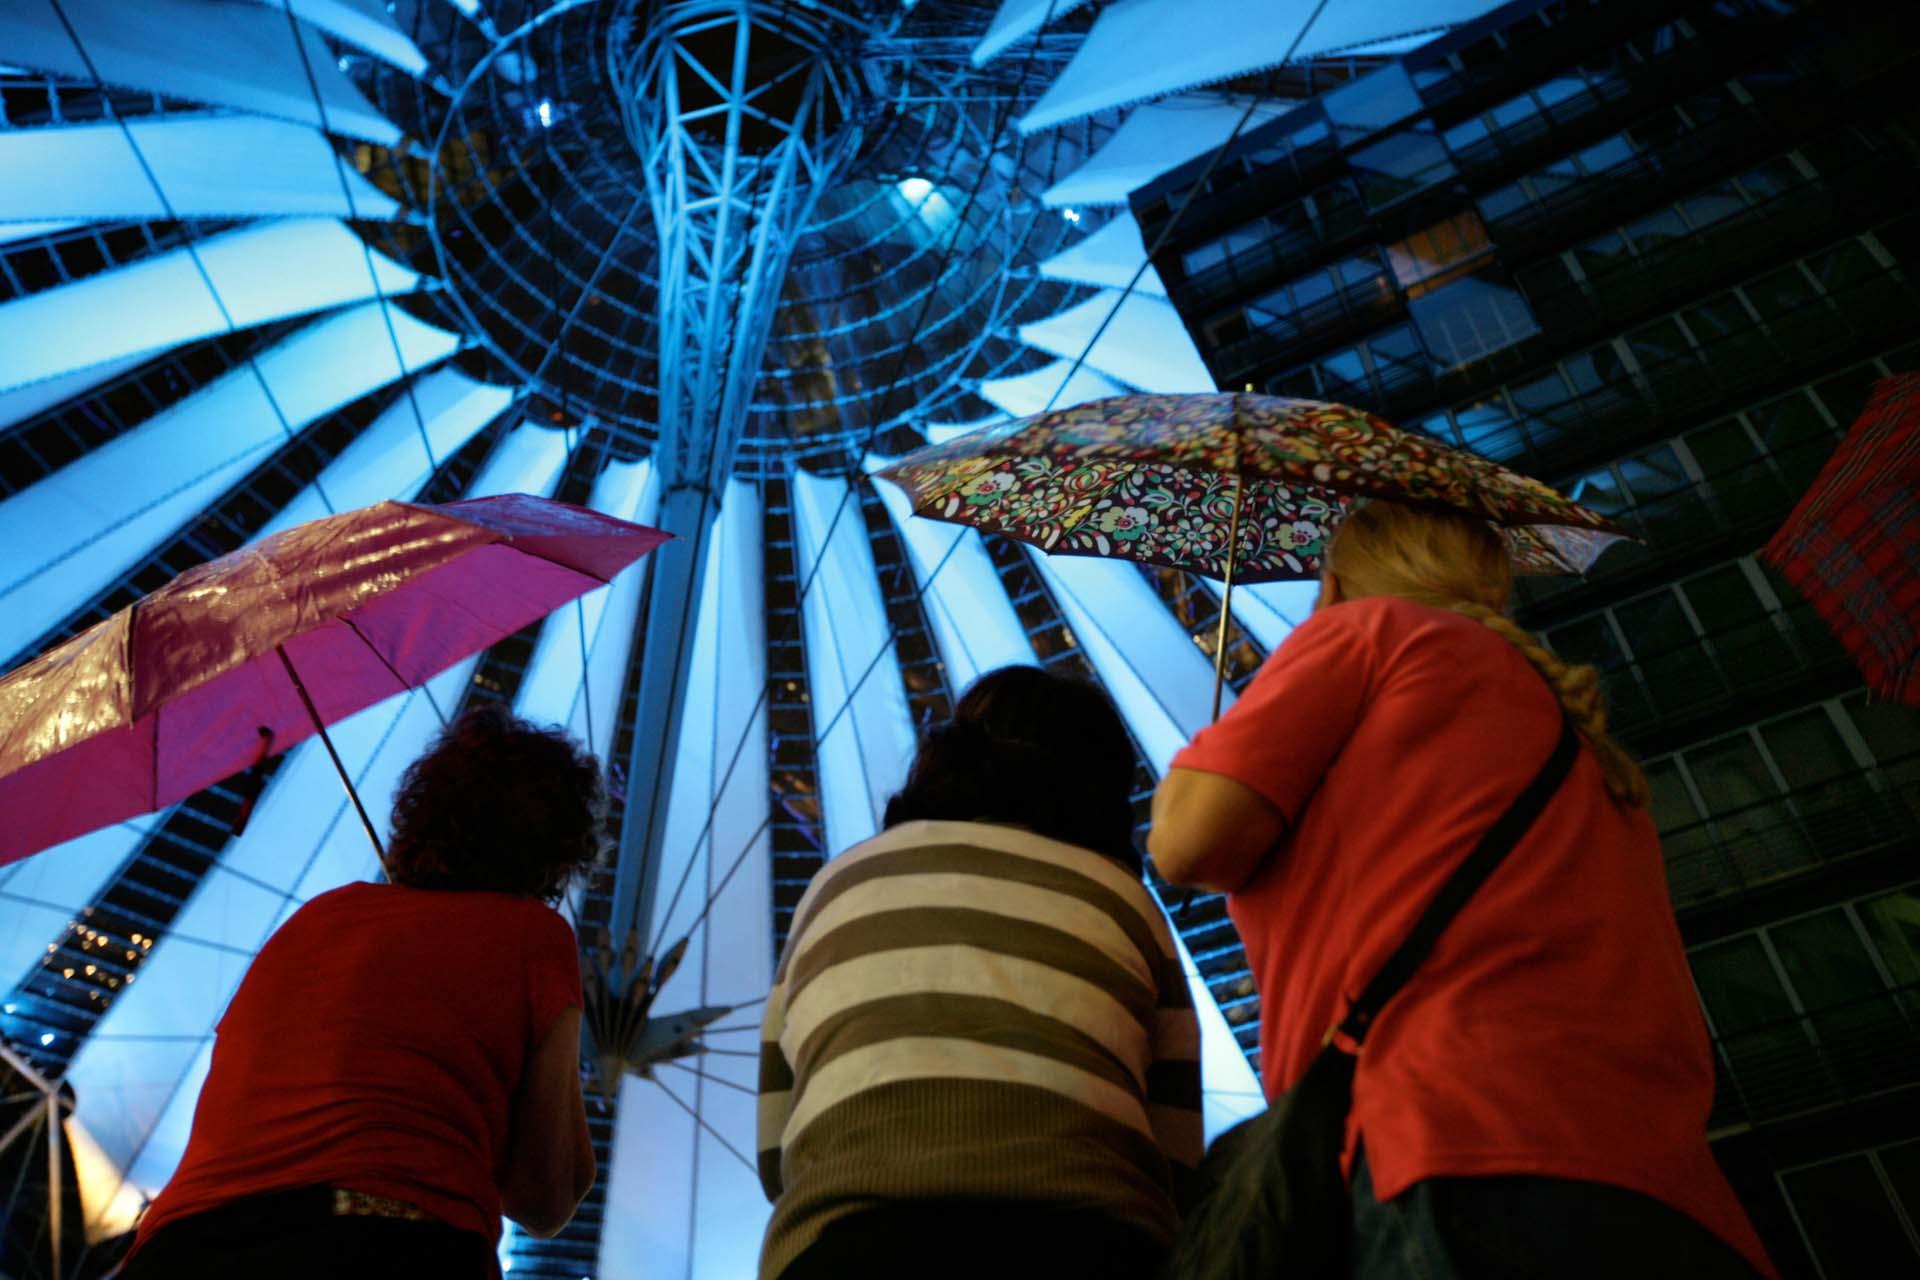 Besucherinnen unter dem großen Regenschirm im Sony-Center am Potsdamer Platz.